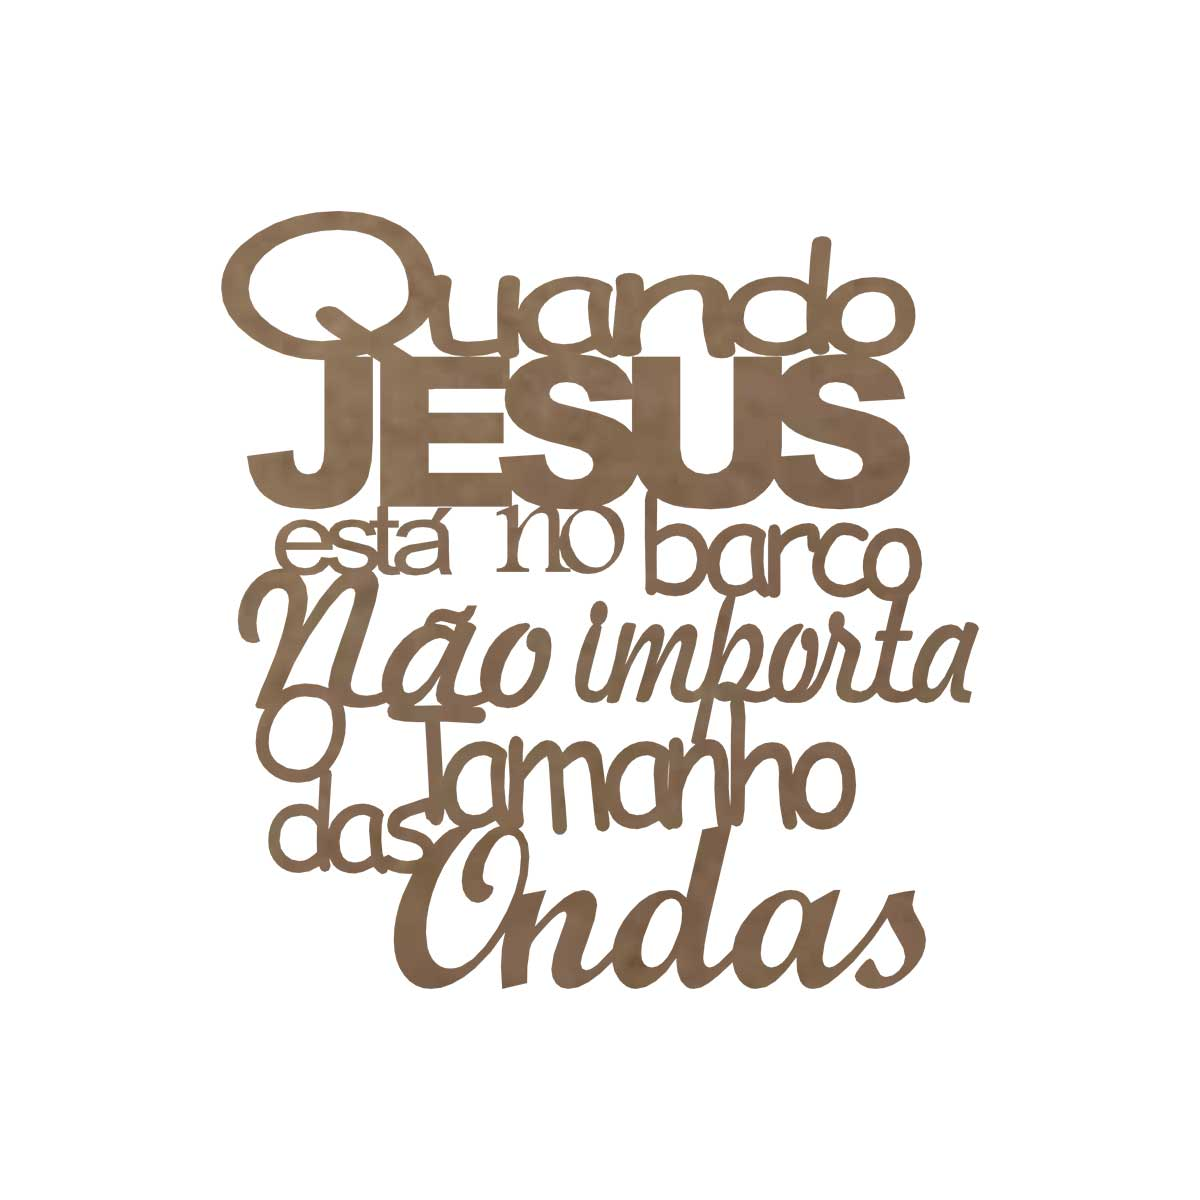 Frase em MDF - Aplique - Quando Jesus está no barco não importa o tamanho das ondas